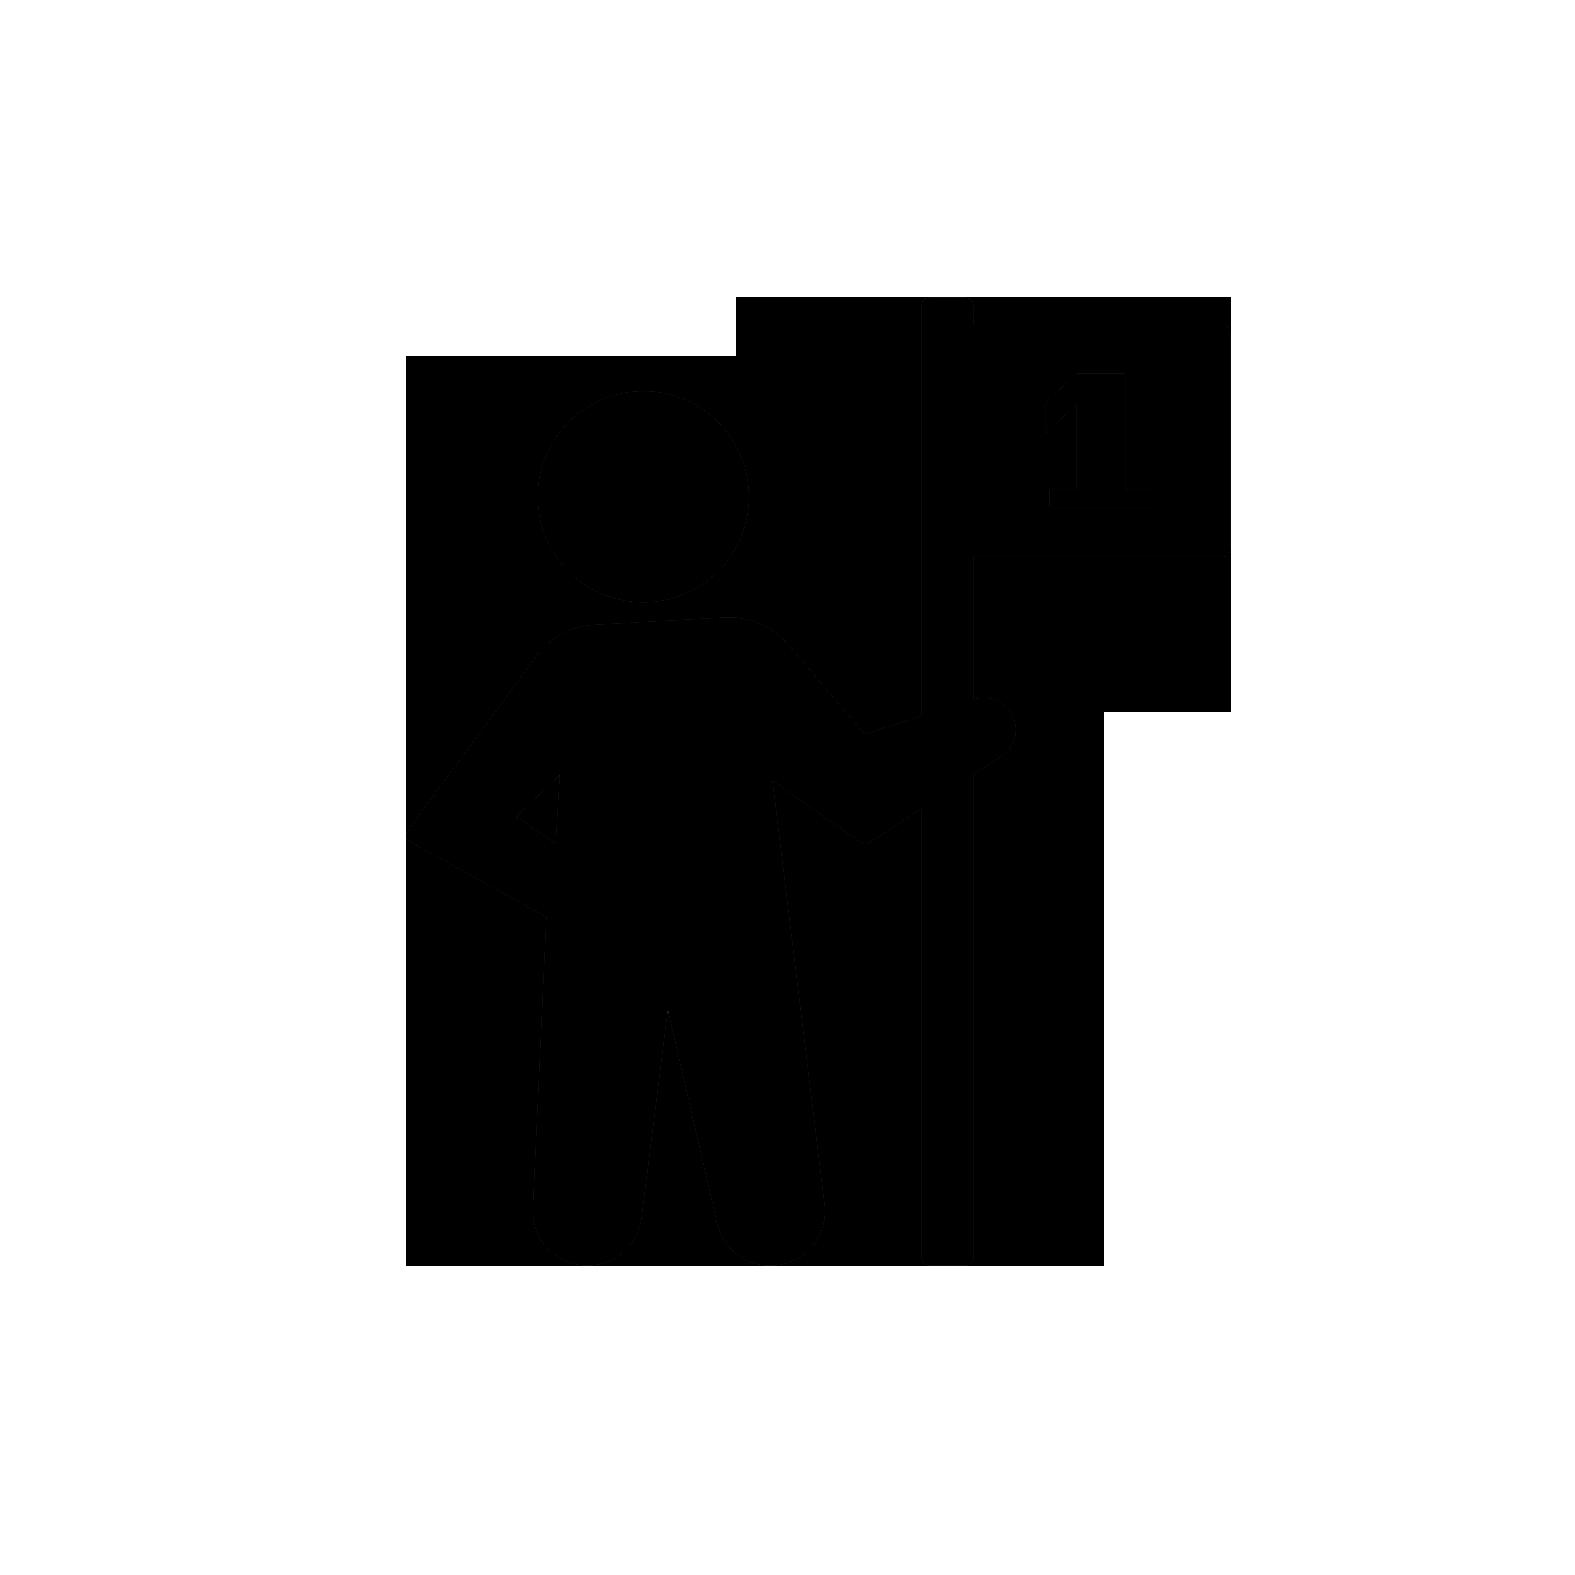 1 transparent icon